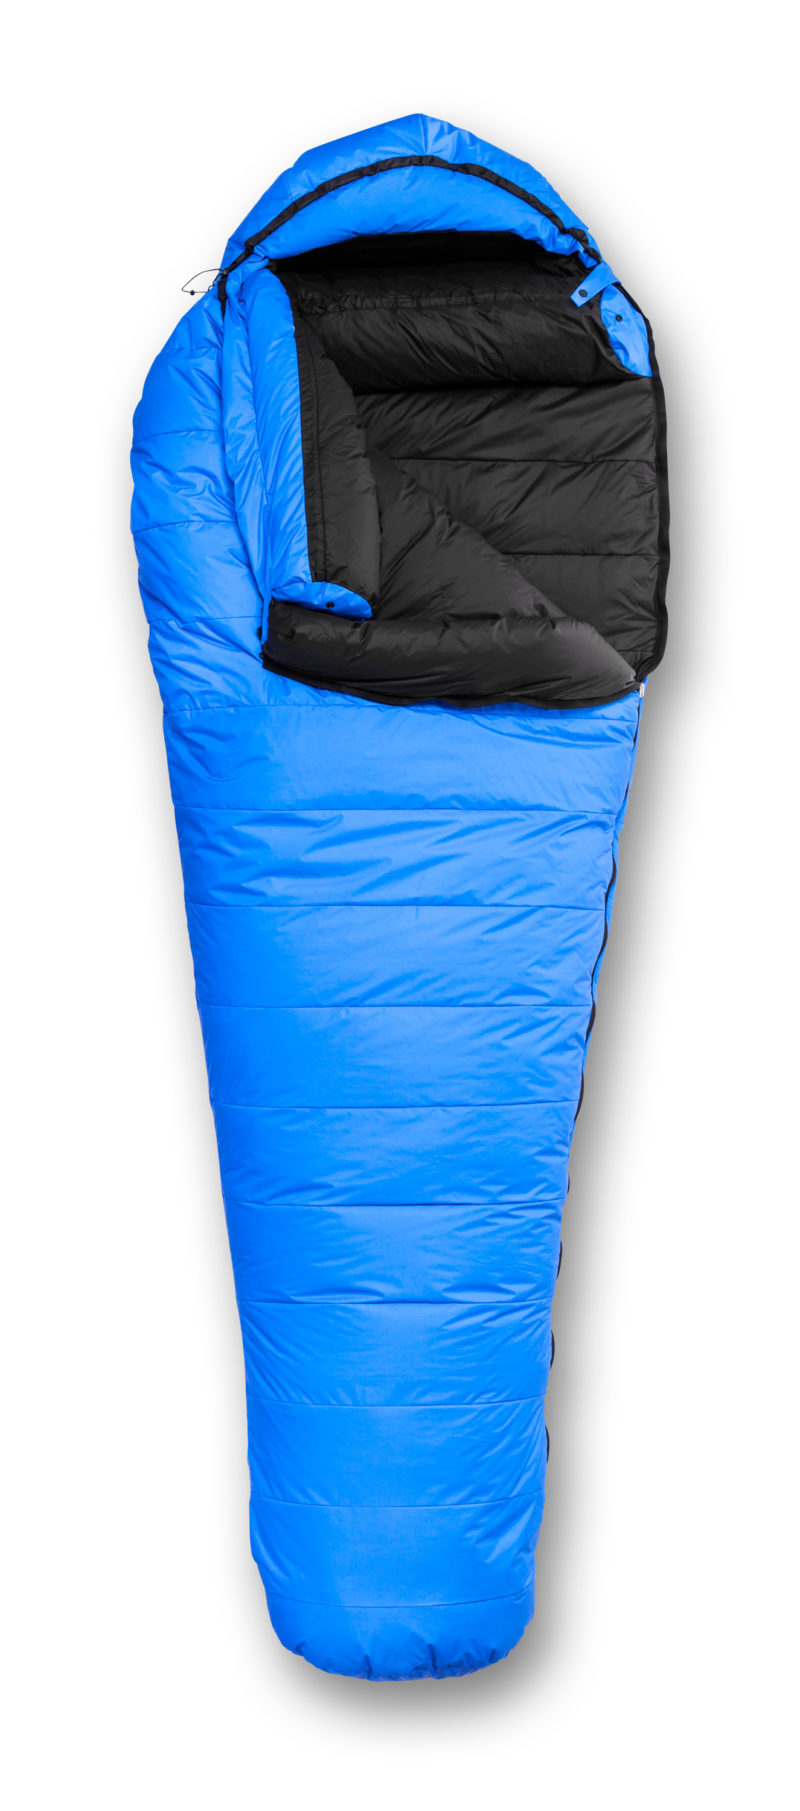 Best Winter Bag